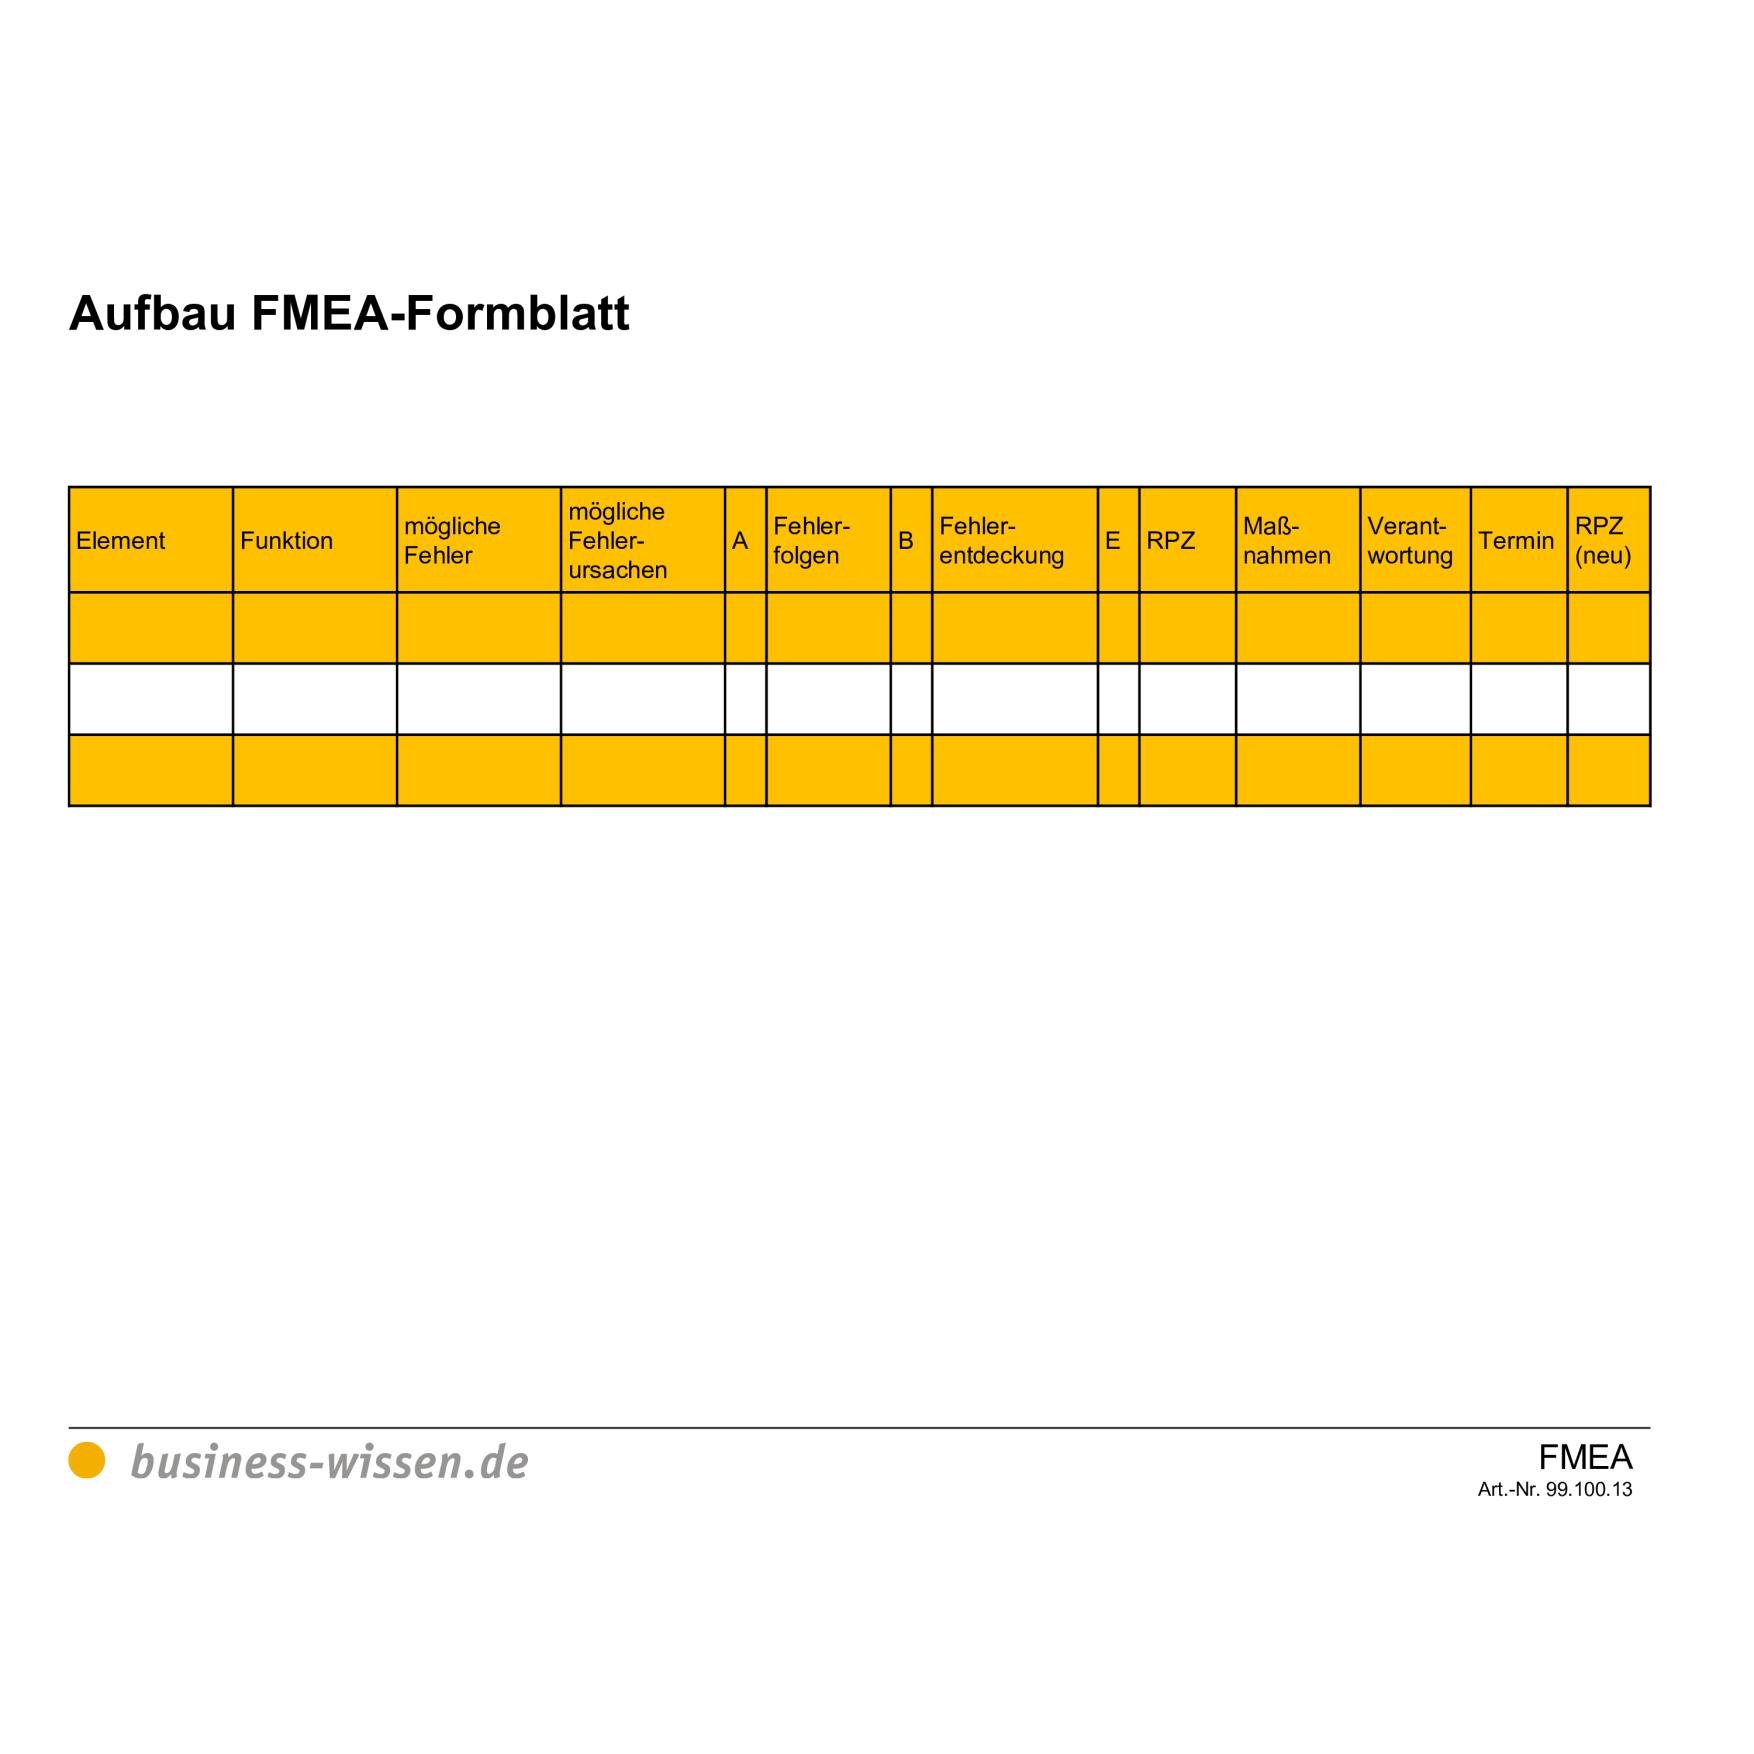 Fmea Formblatt Fmea Wiki 12